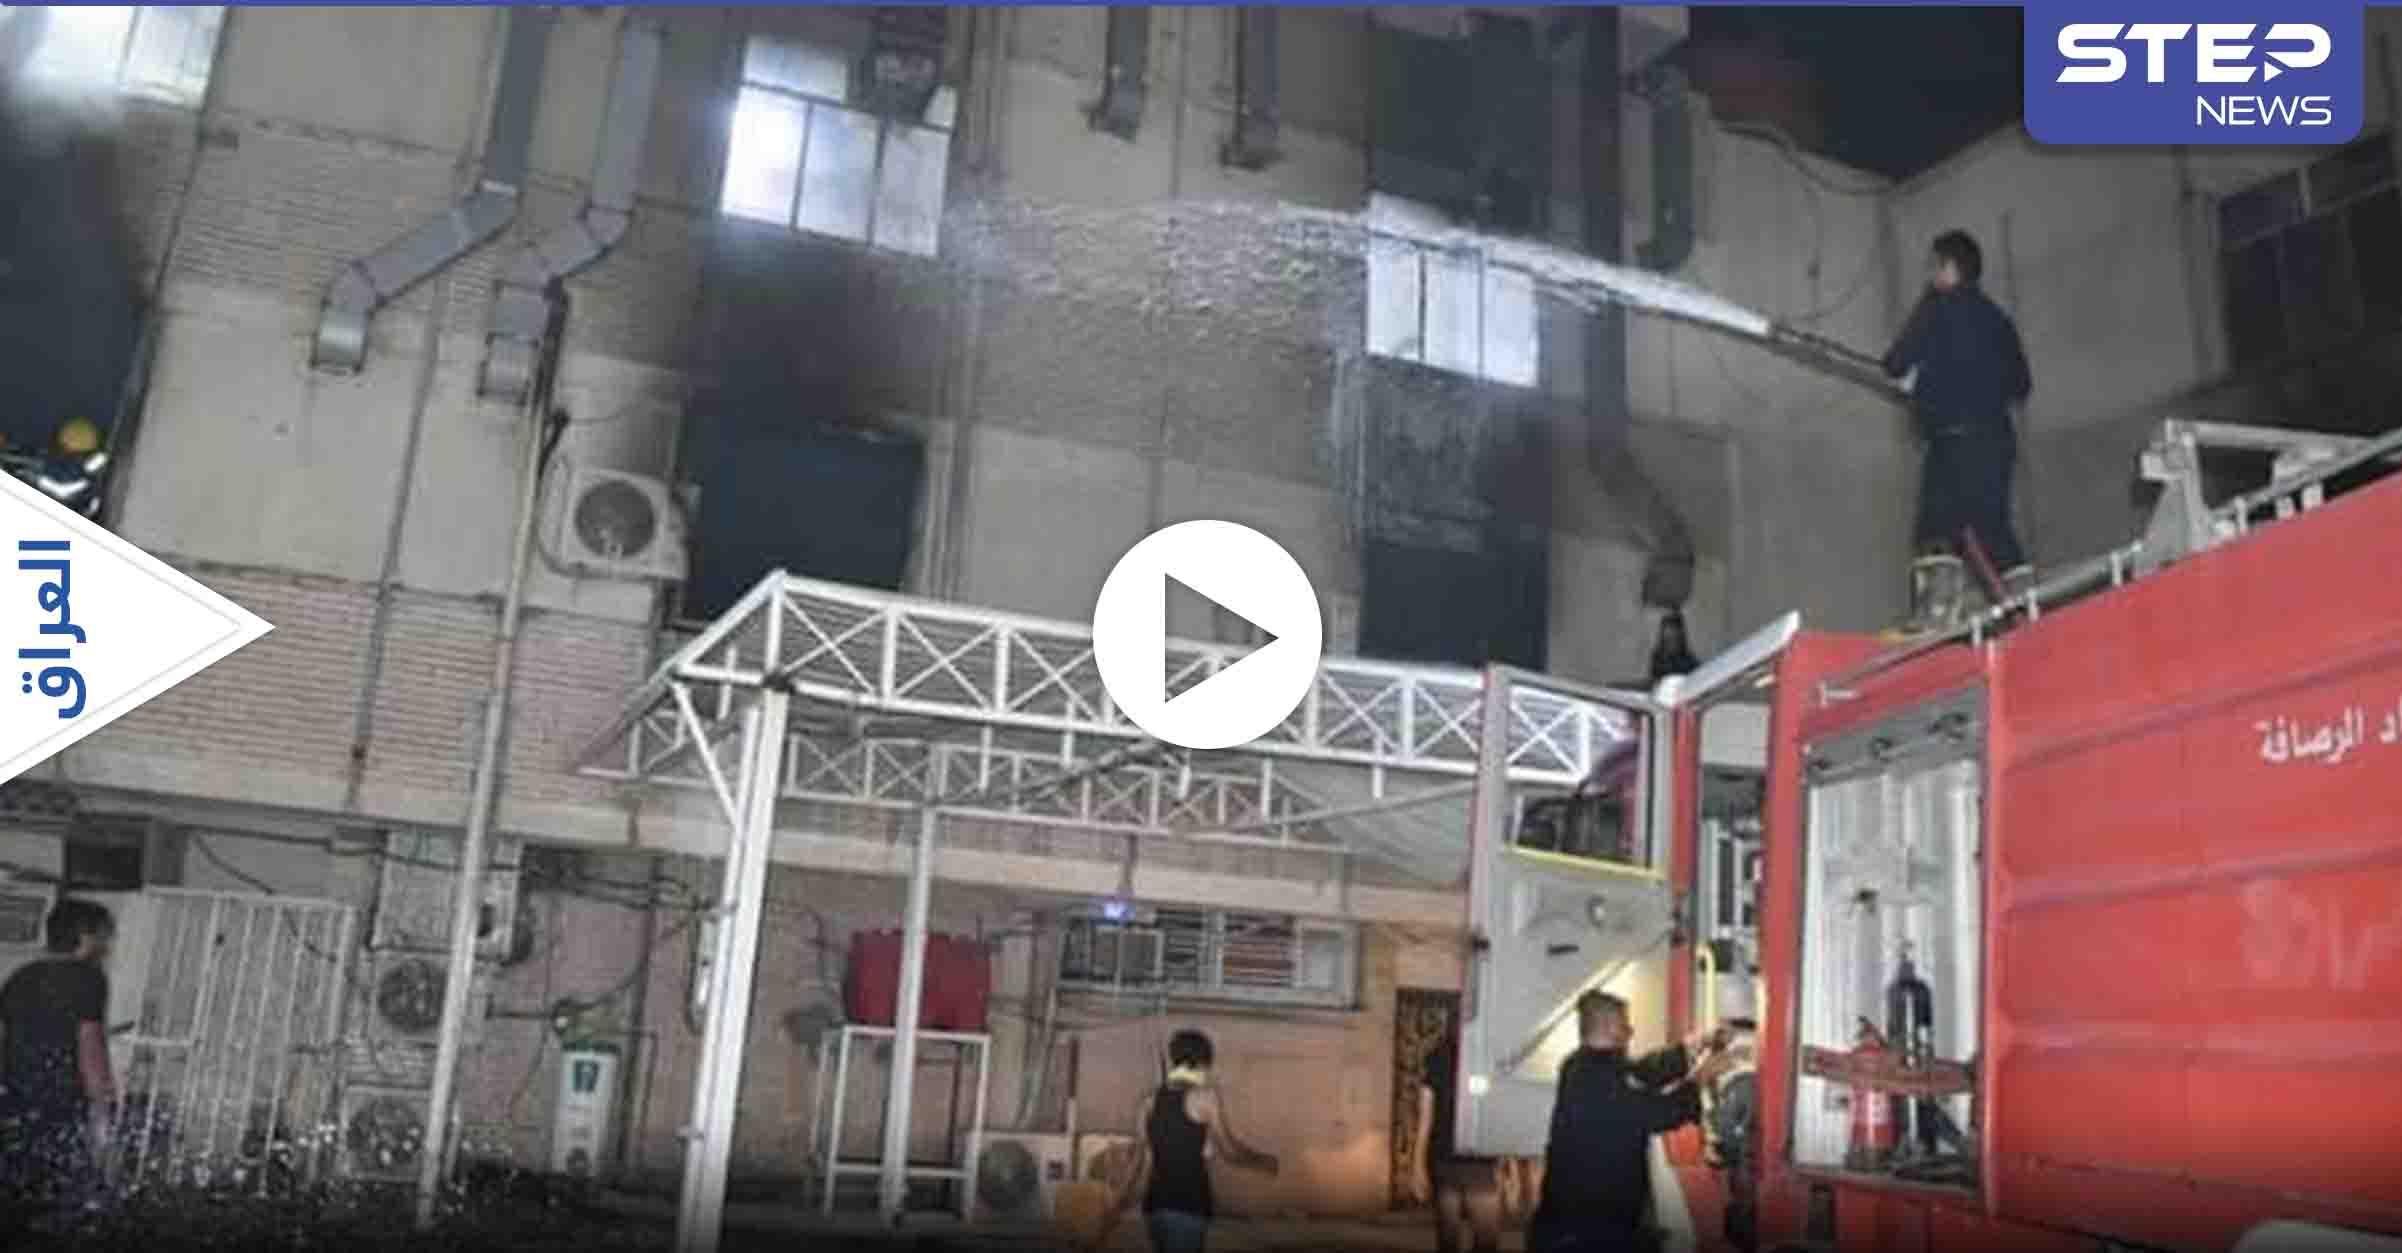 بالفيديو   كاميرا مراقبة توثق اللحظات الأولى لانفجار مستشفى ابن الخطيب بالعراق.. والأخيرة تعلن الحداد الوطني